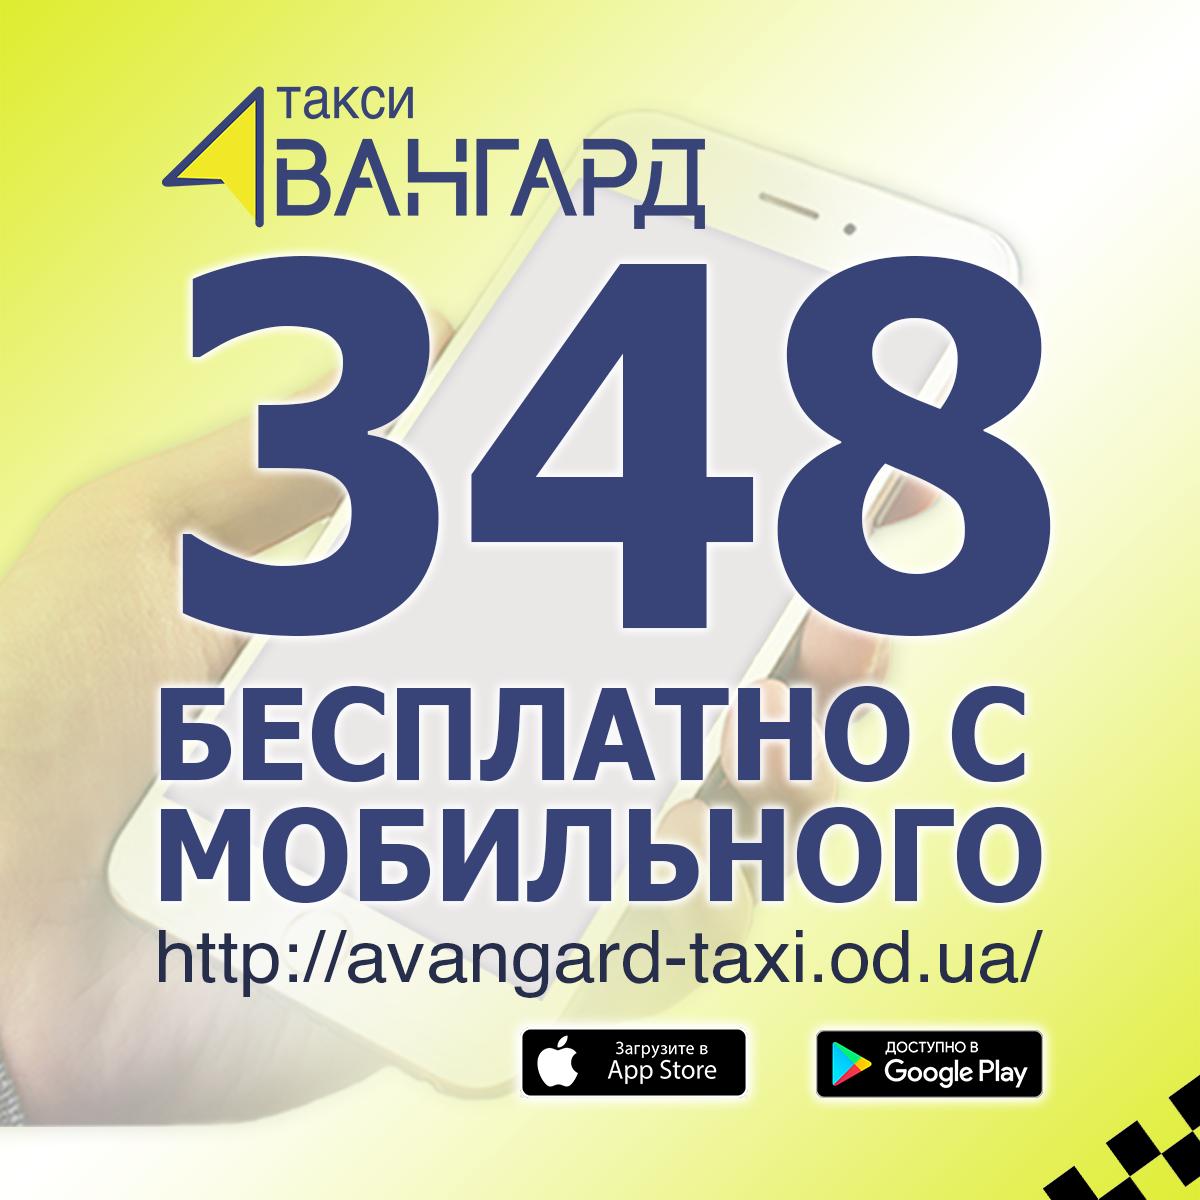 Авангард-такси